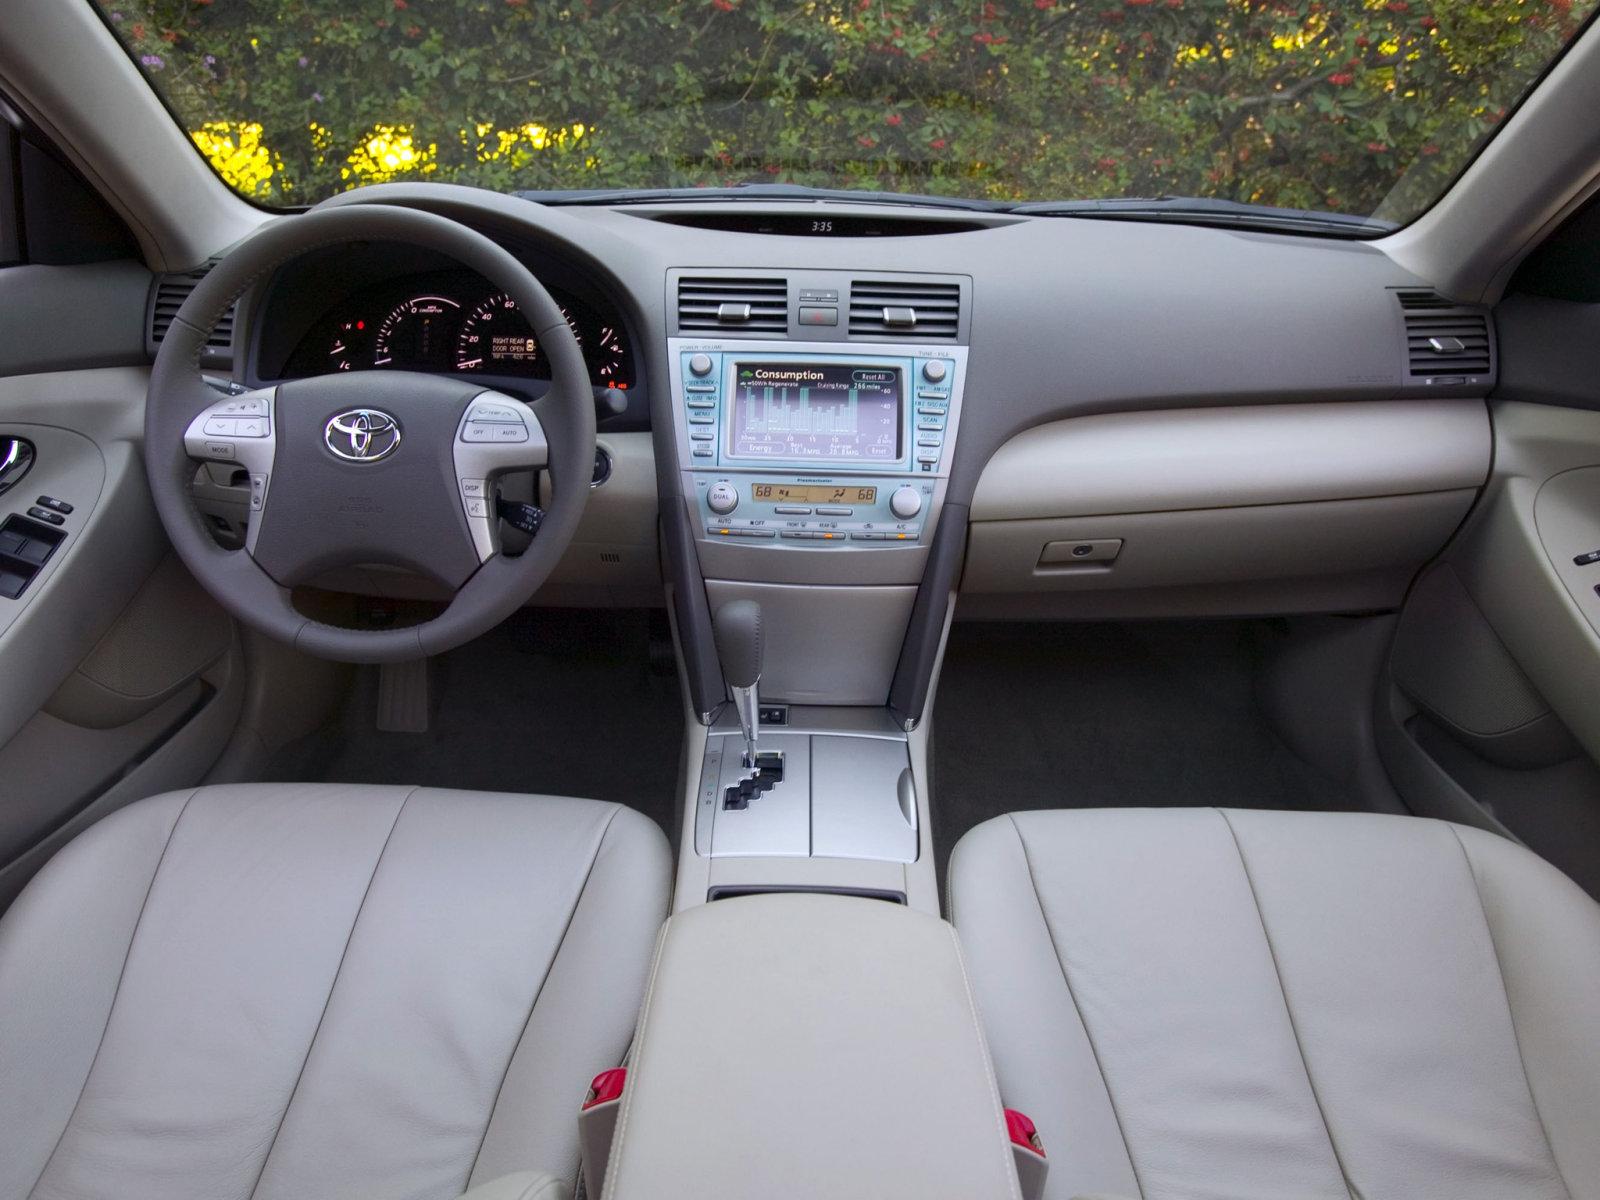 Toyota Camry Hybrid (2007) .